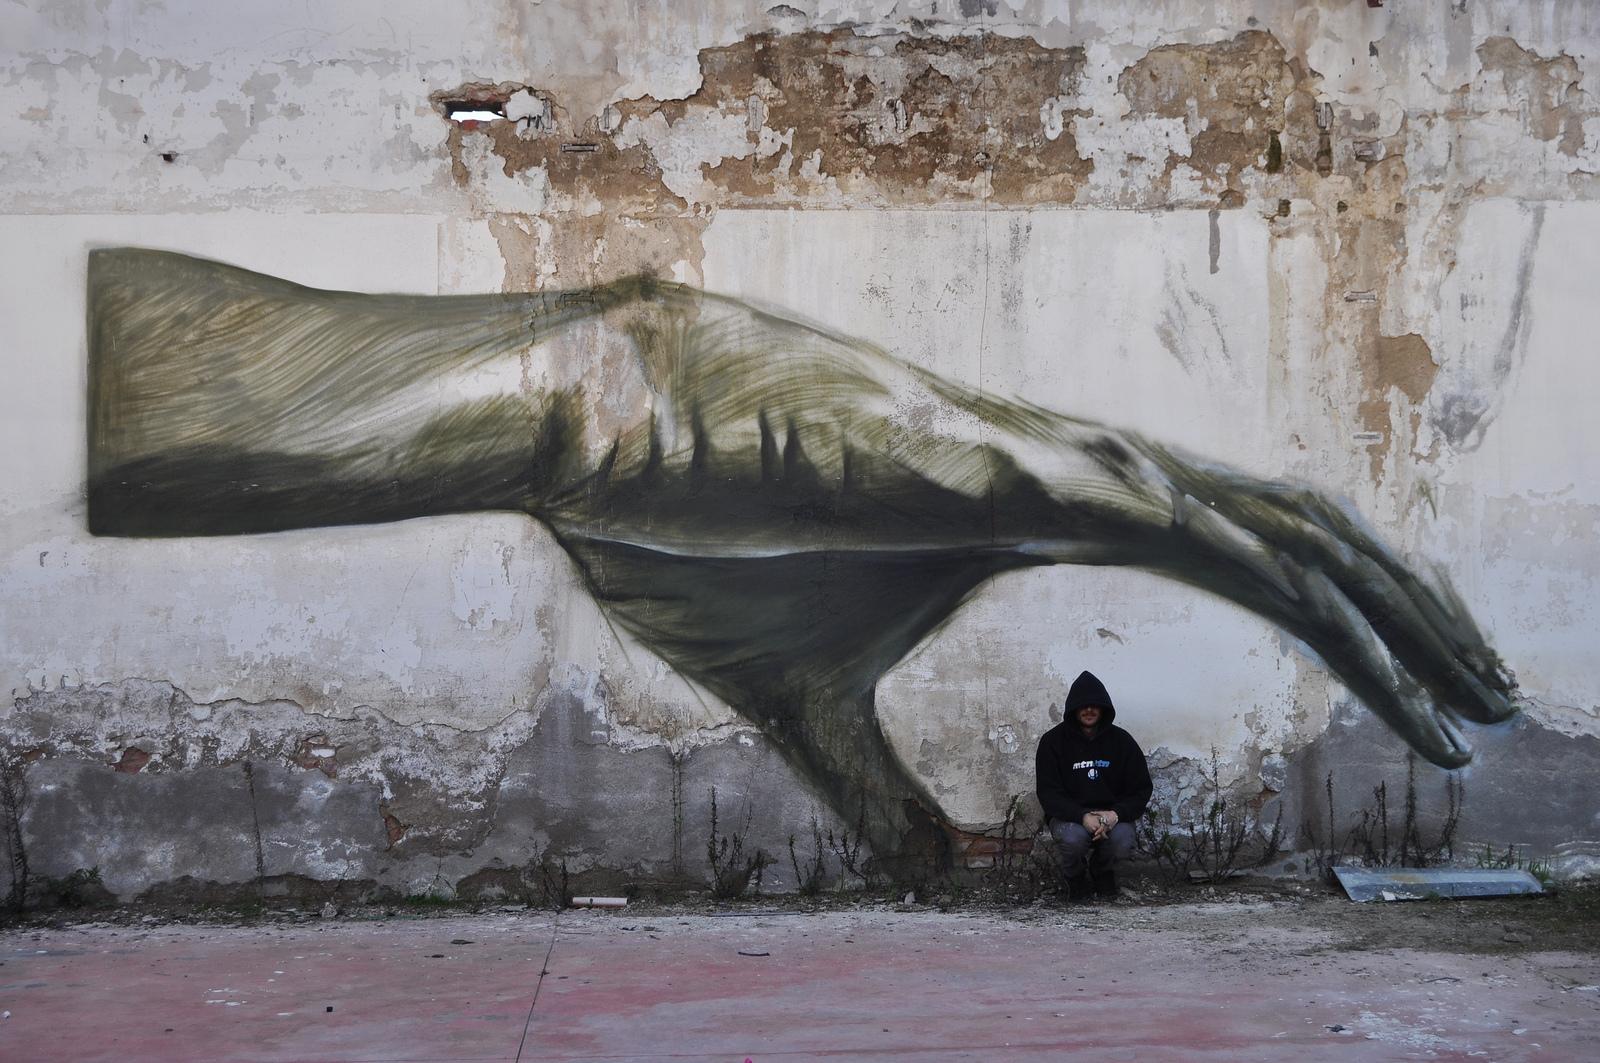 mesa-mural-in-passignano-sul-trasimeno-03